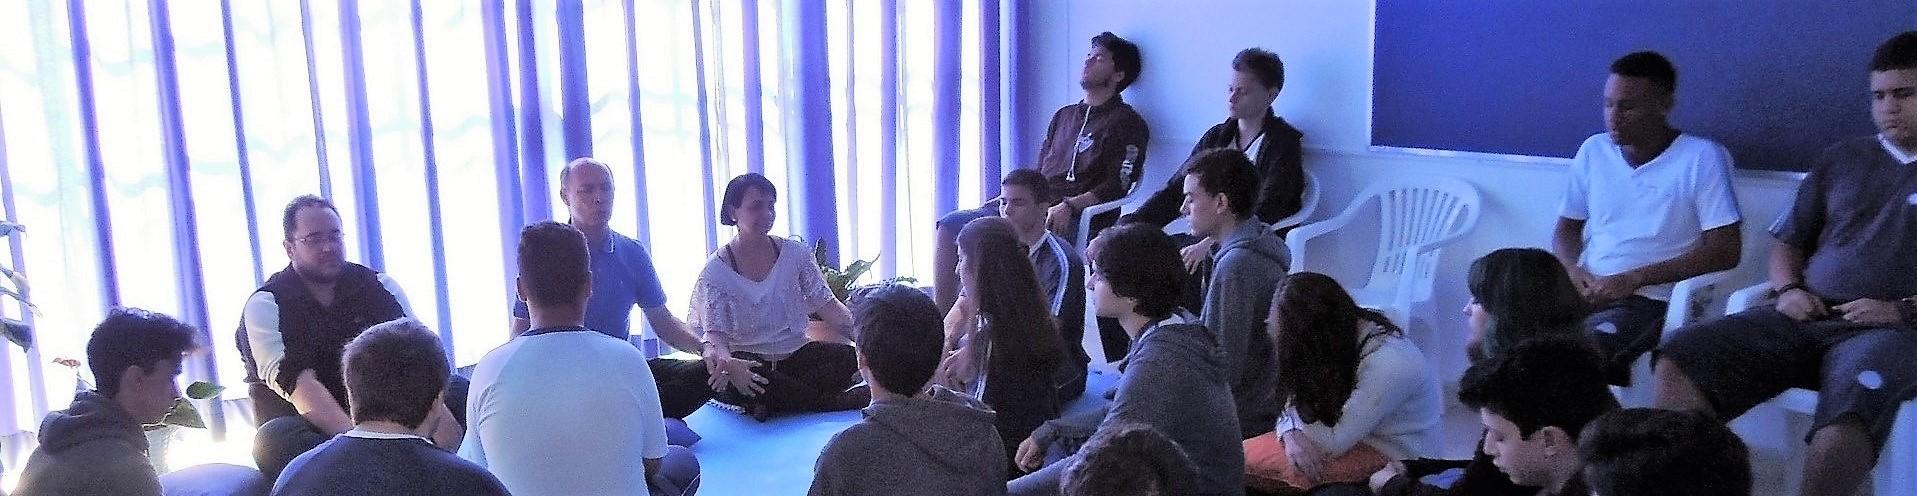 Práticas Mindfulness